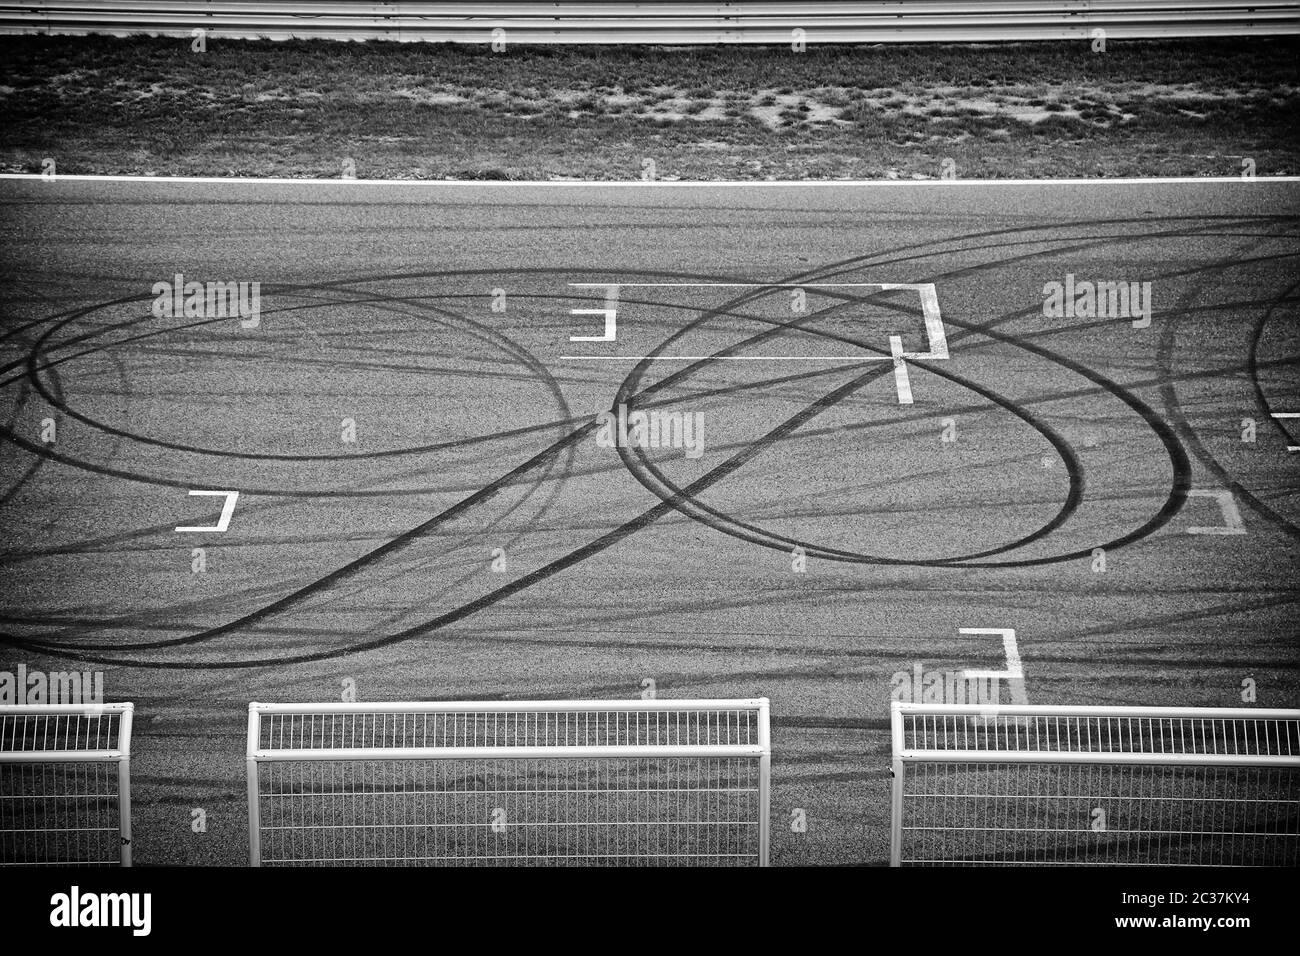 Circuito neumático de carreras sobre asfalto en el detalle de la marca Foto de stock